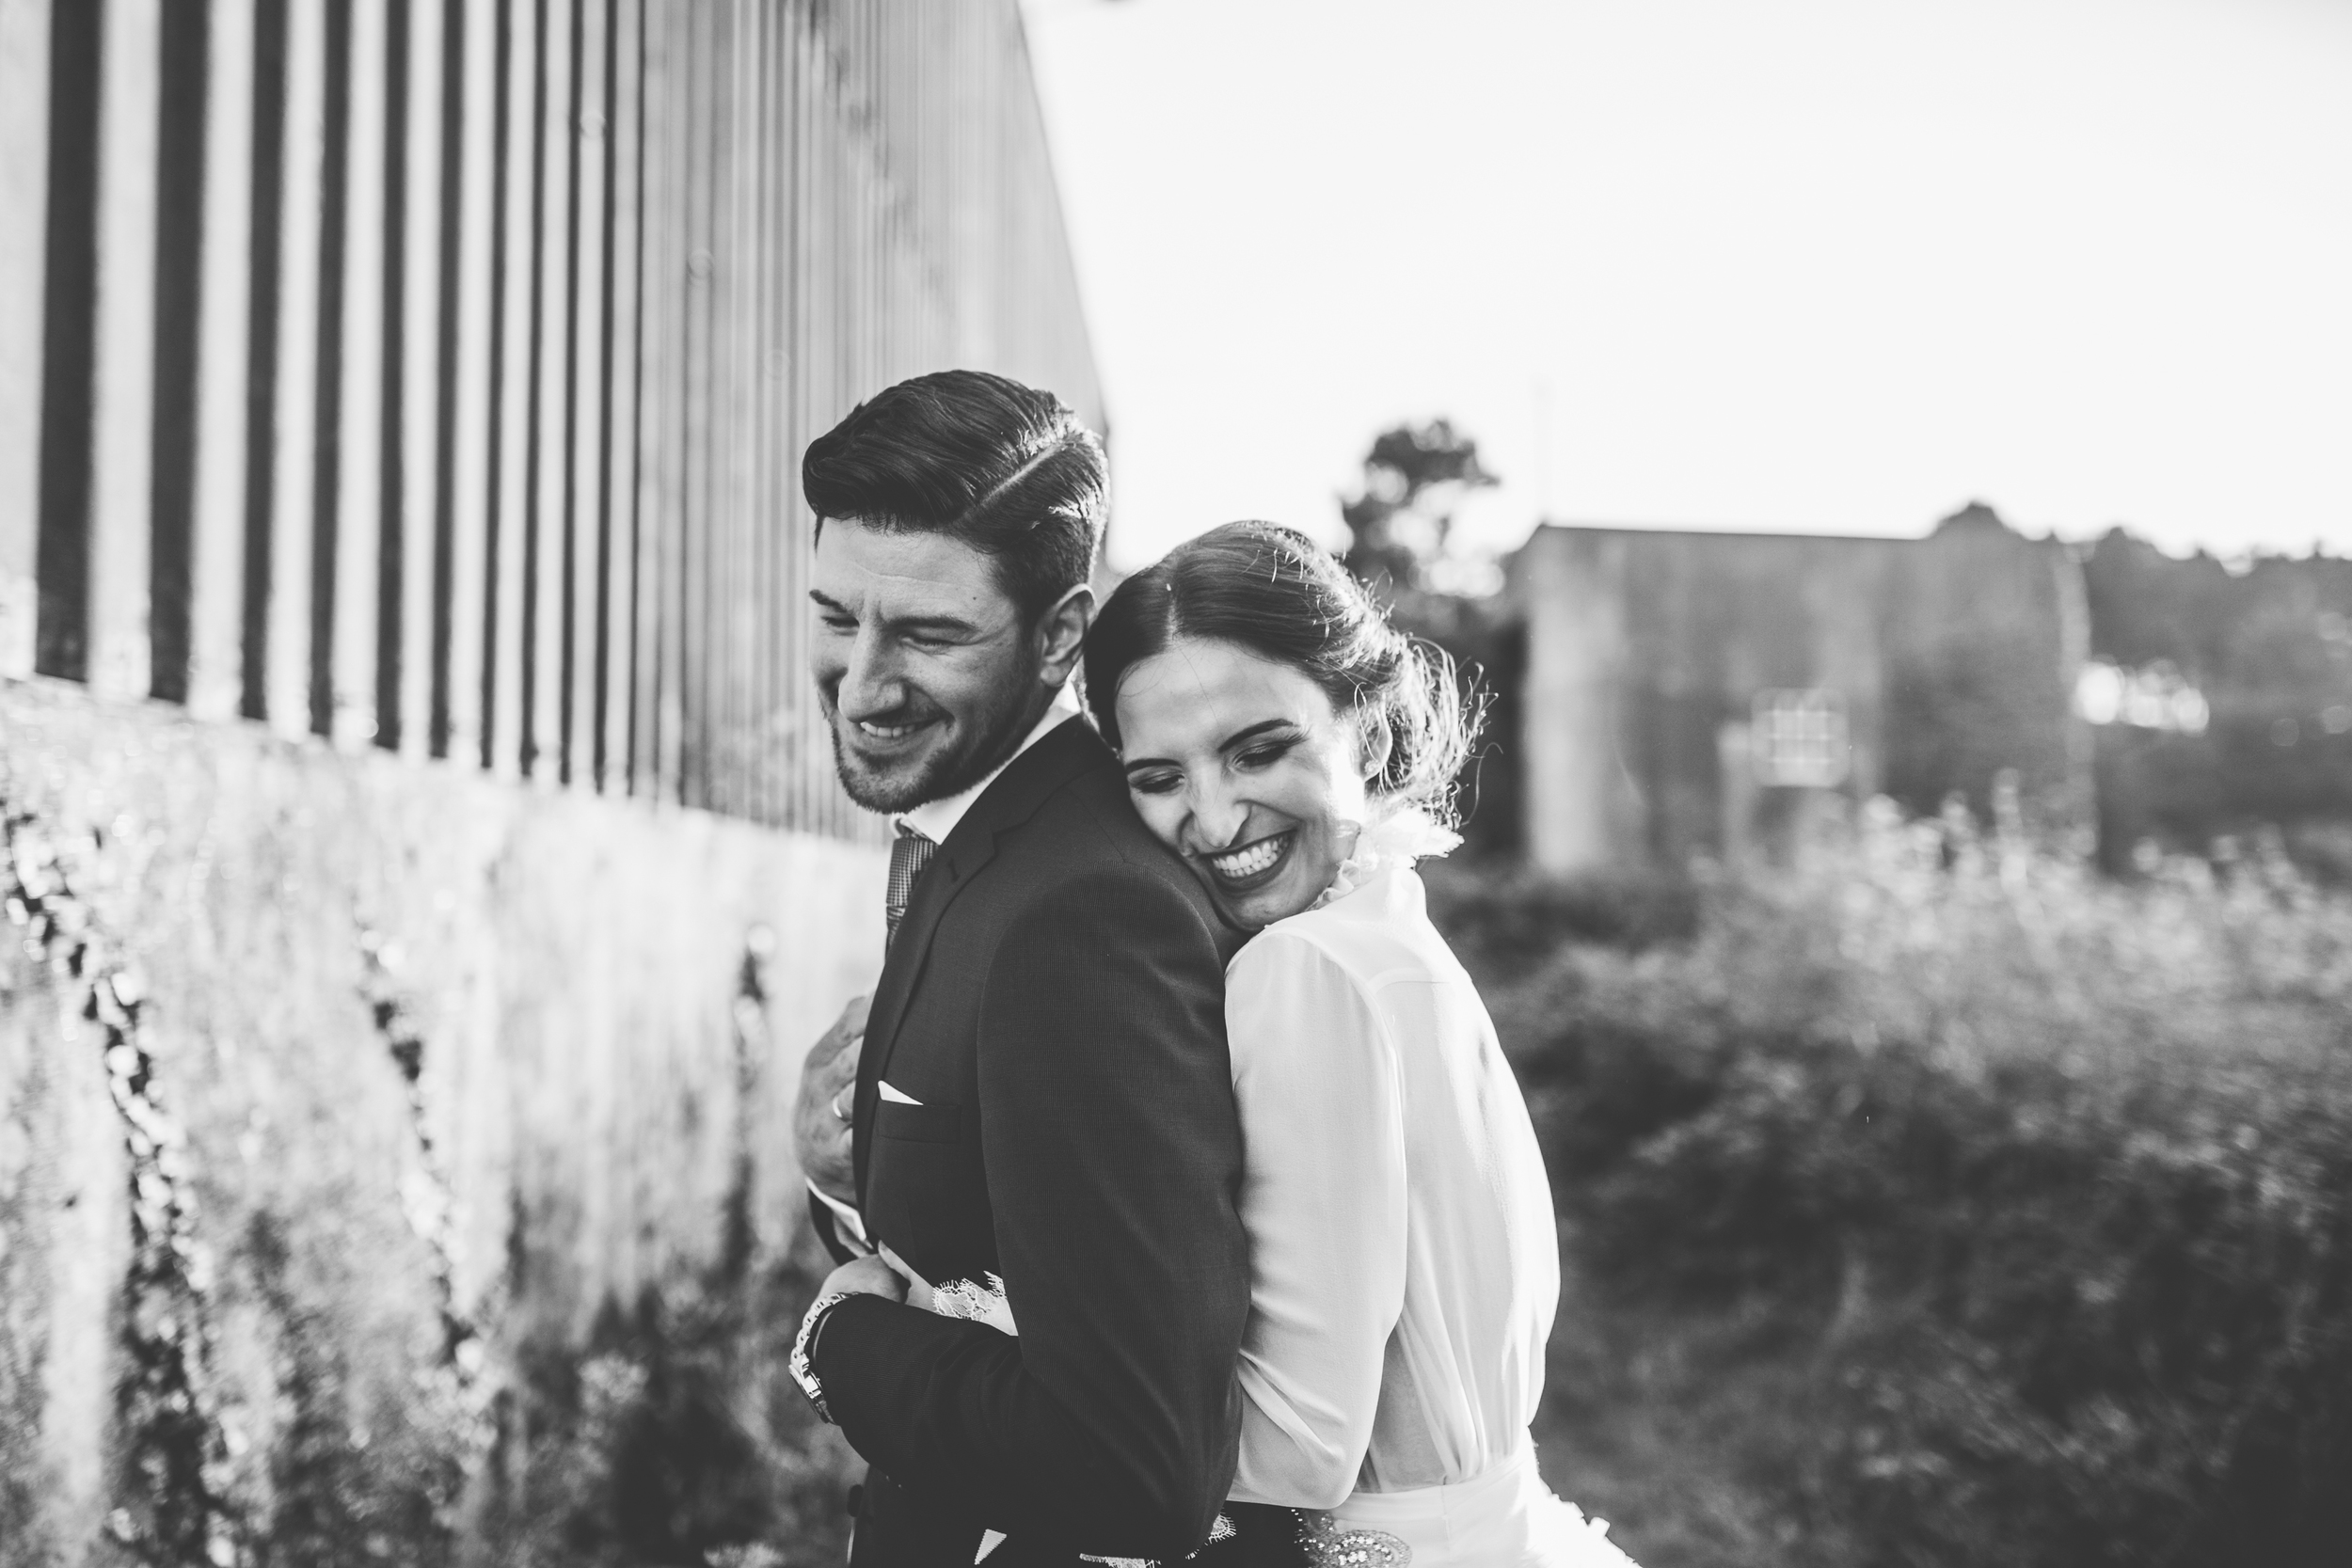 Fotografo bodas Pontevedra Graciela Vilagudin 660.jpg